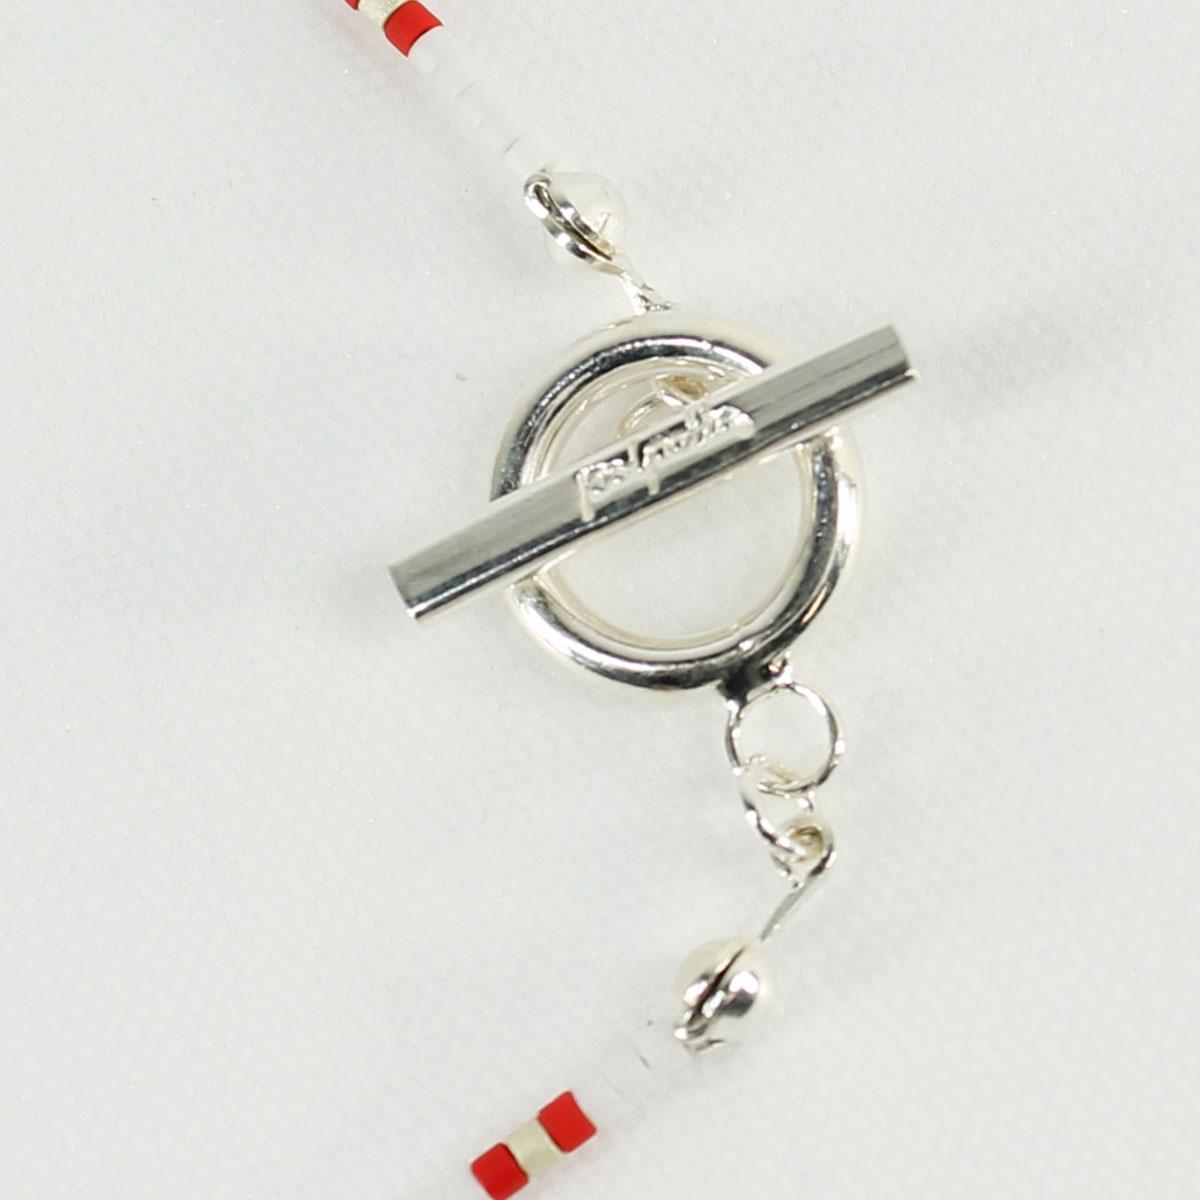 POLPETTA ポルペッタ シルバー925×カラービーズ アンクレット COLANELLO-TR ANKLET (ホワイト)